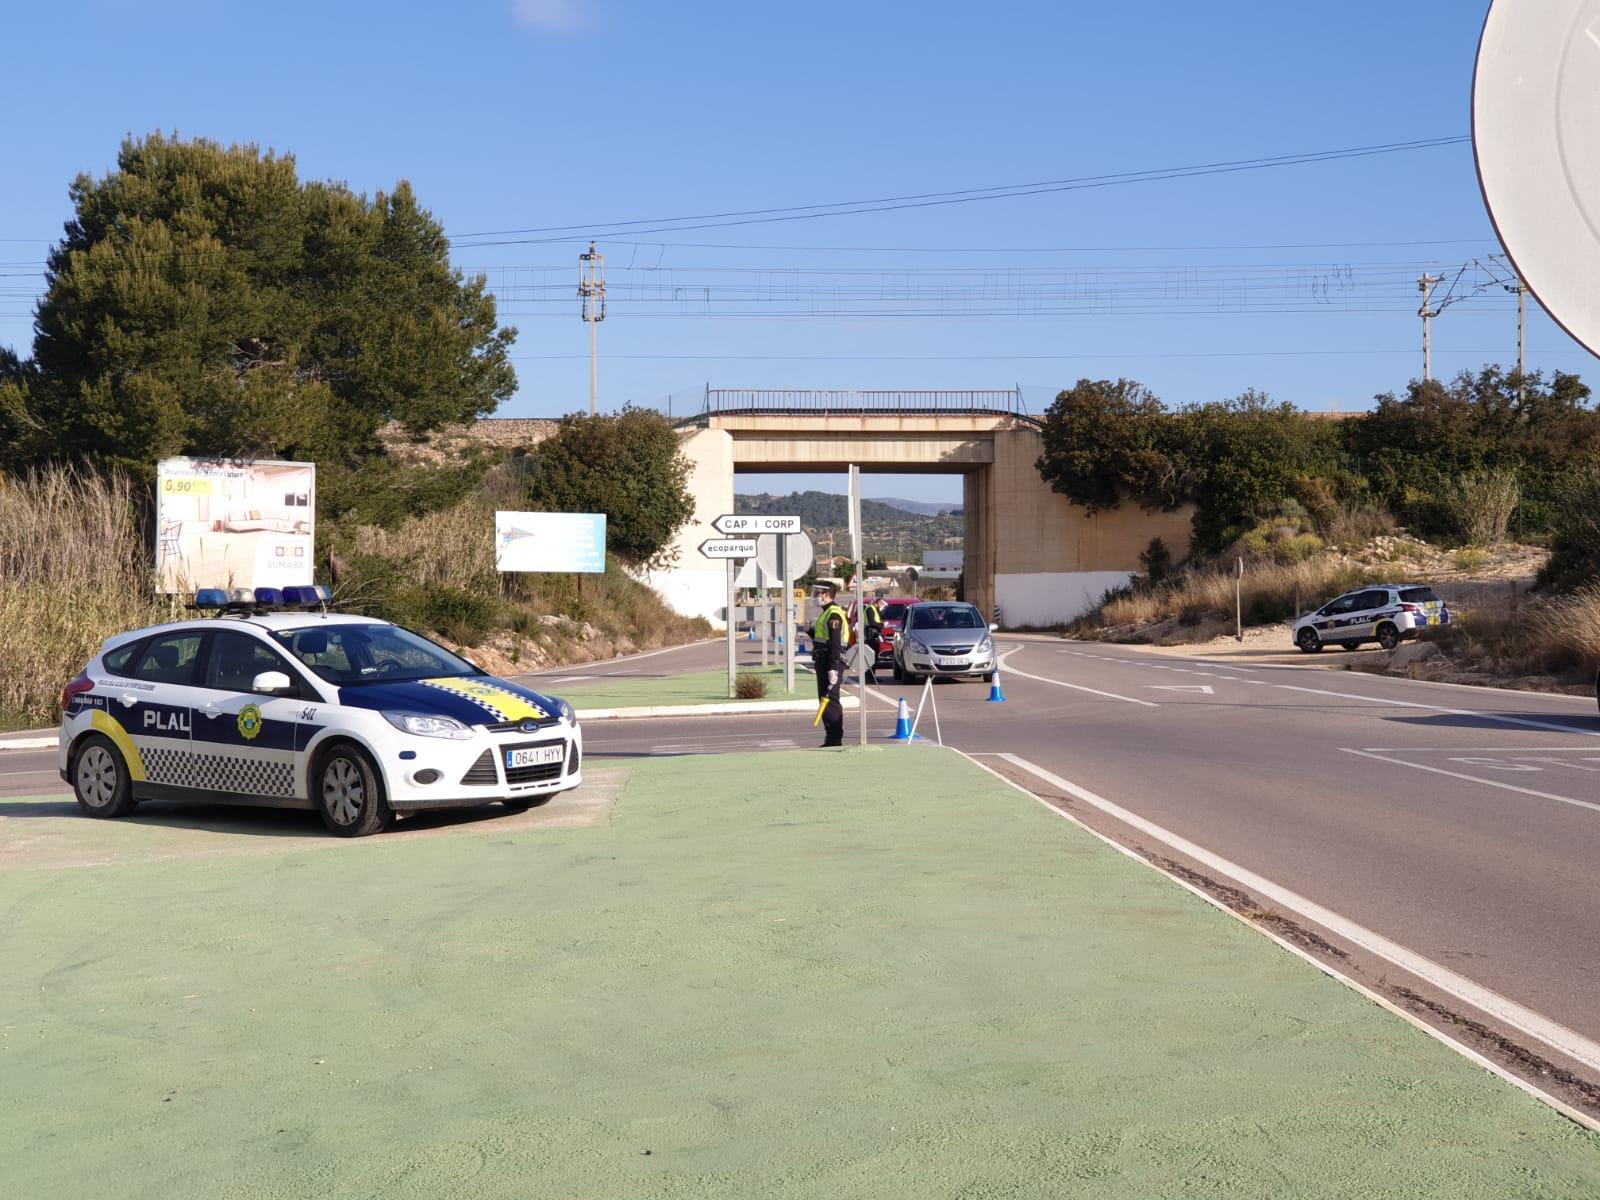 La Policia Local d'Alcalà-Alcossebre identifica a 400 persones i tramita 15 denúncies per incomplir el confinament